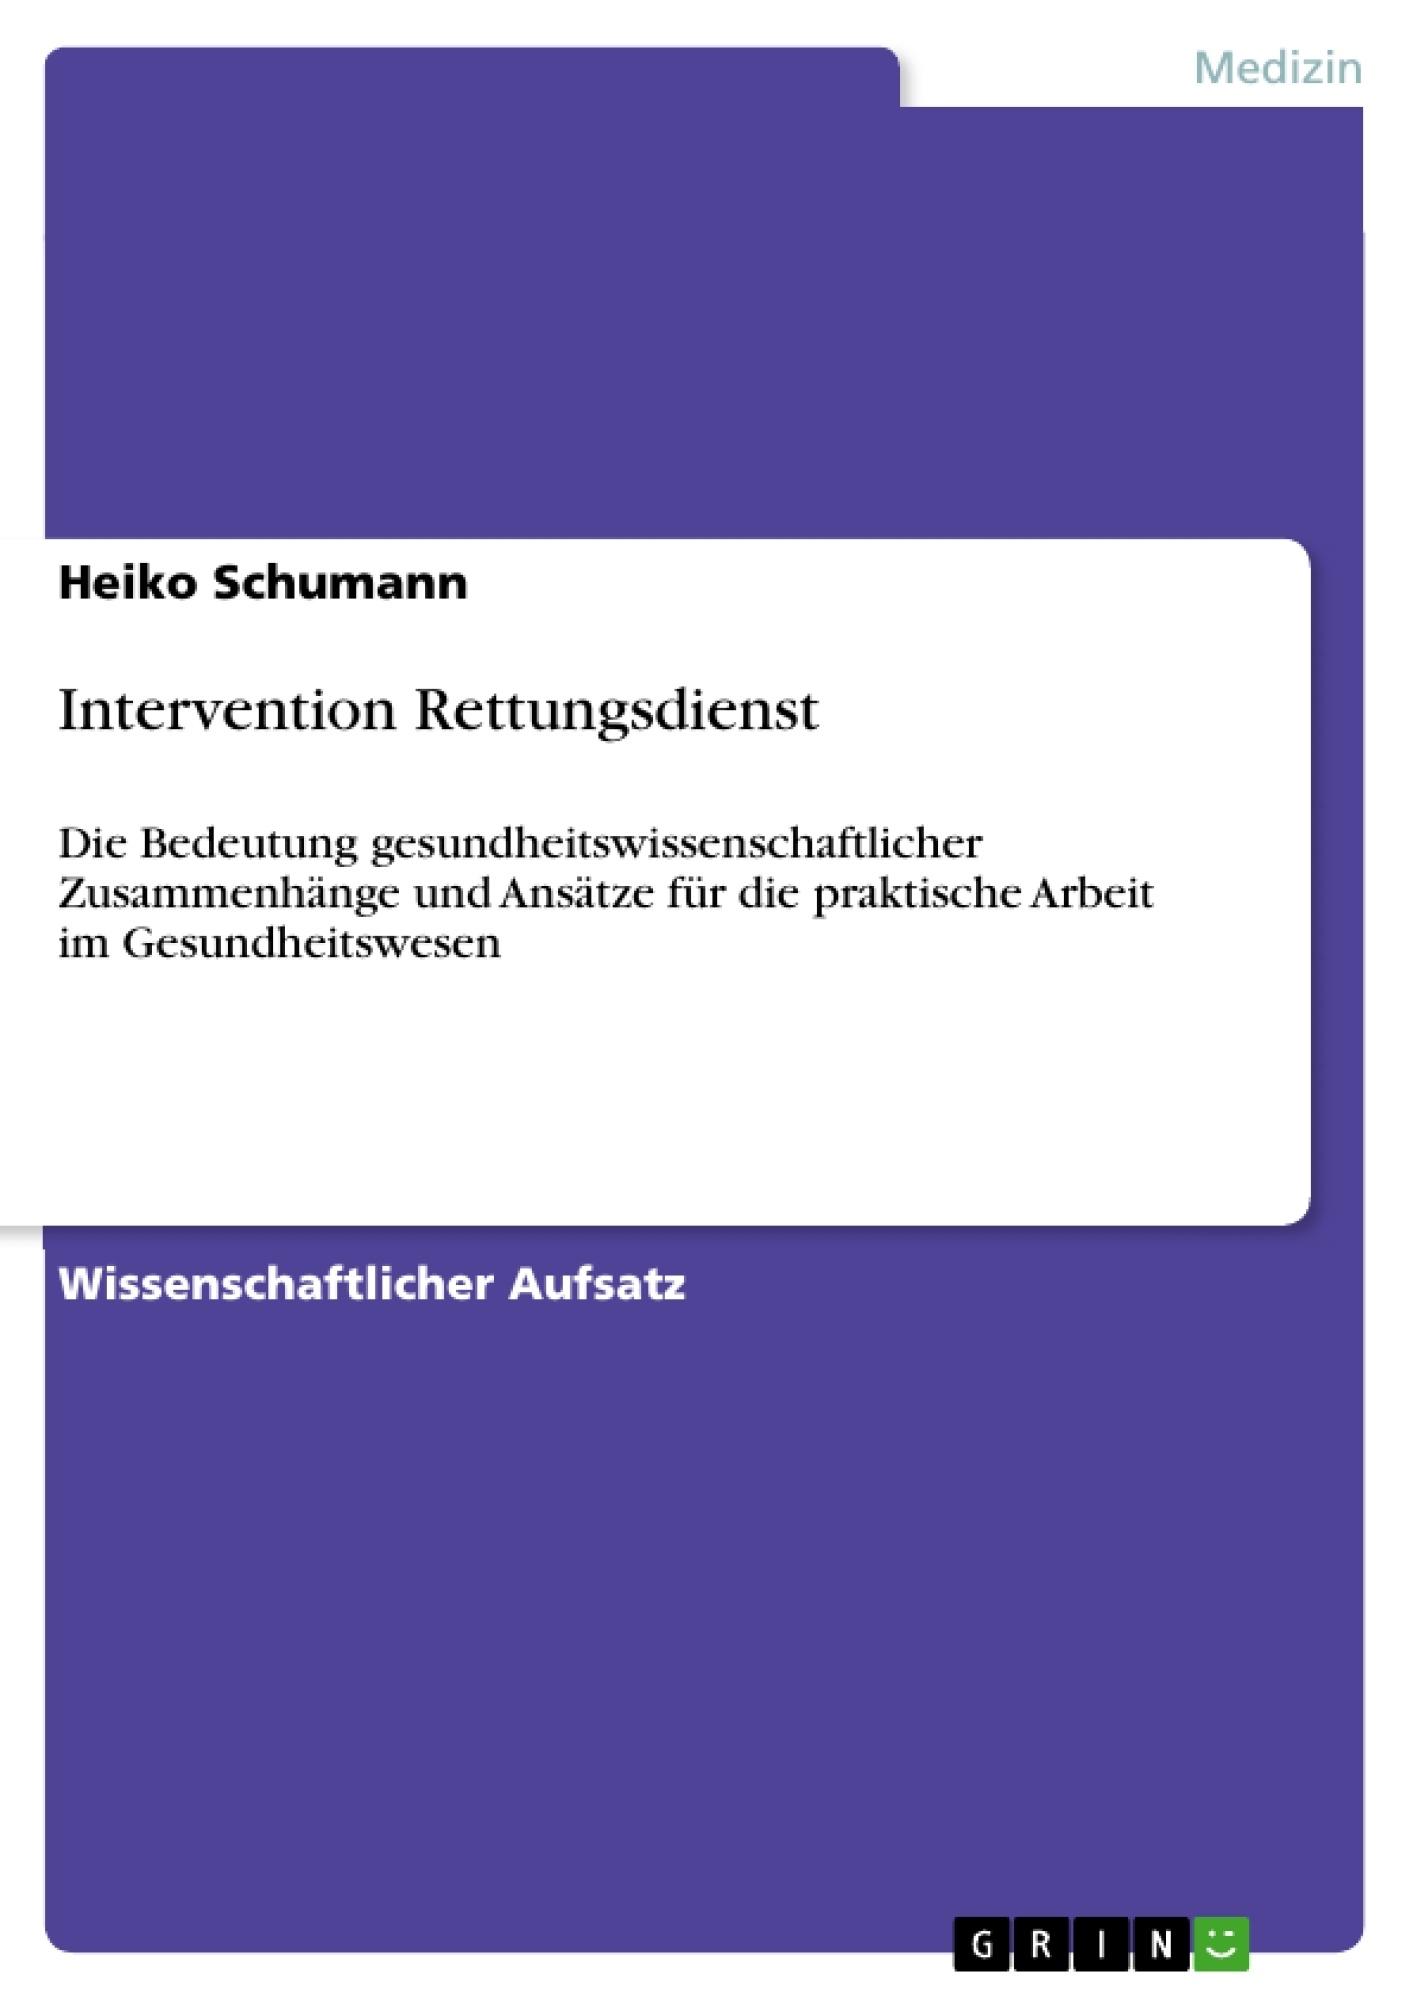 Titel: Intervention Rettungsdienst